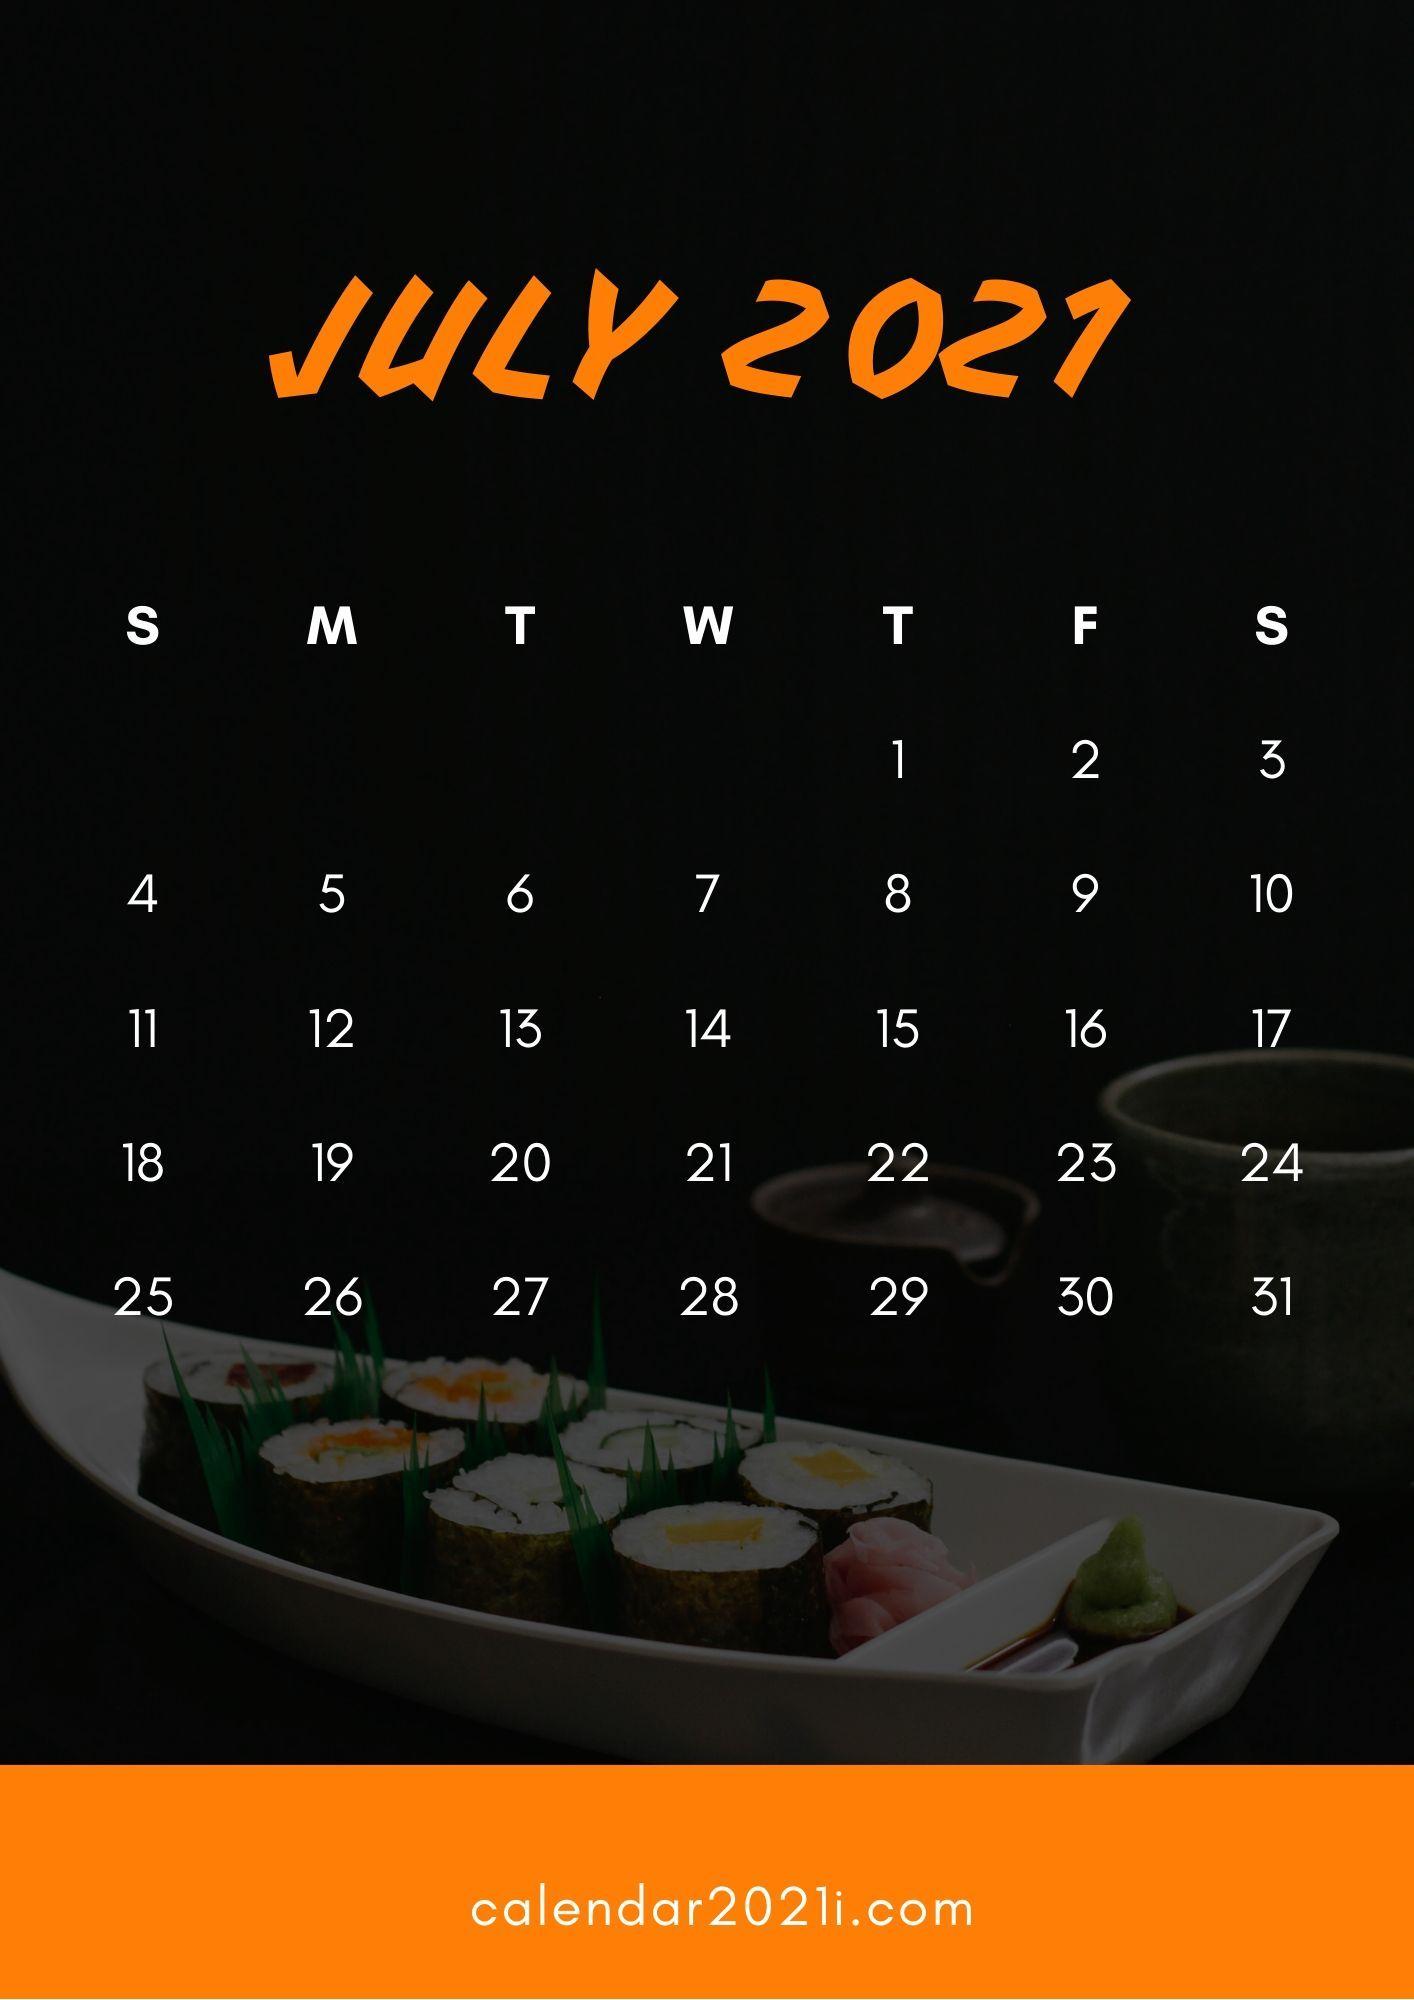 July 2021 Calendar HD Wallpaper for iPhone background Calendar 1414x2000